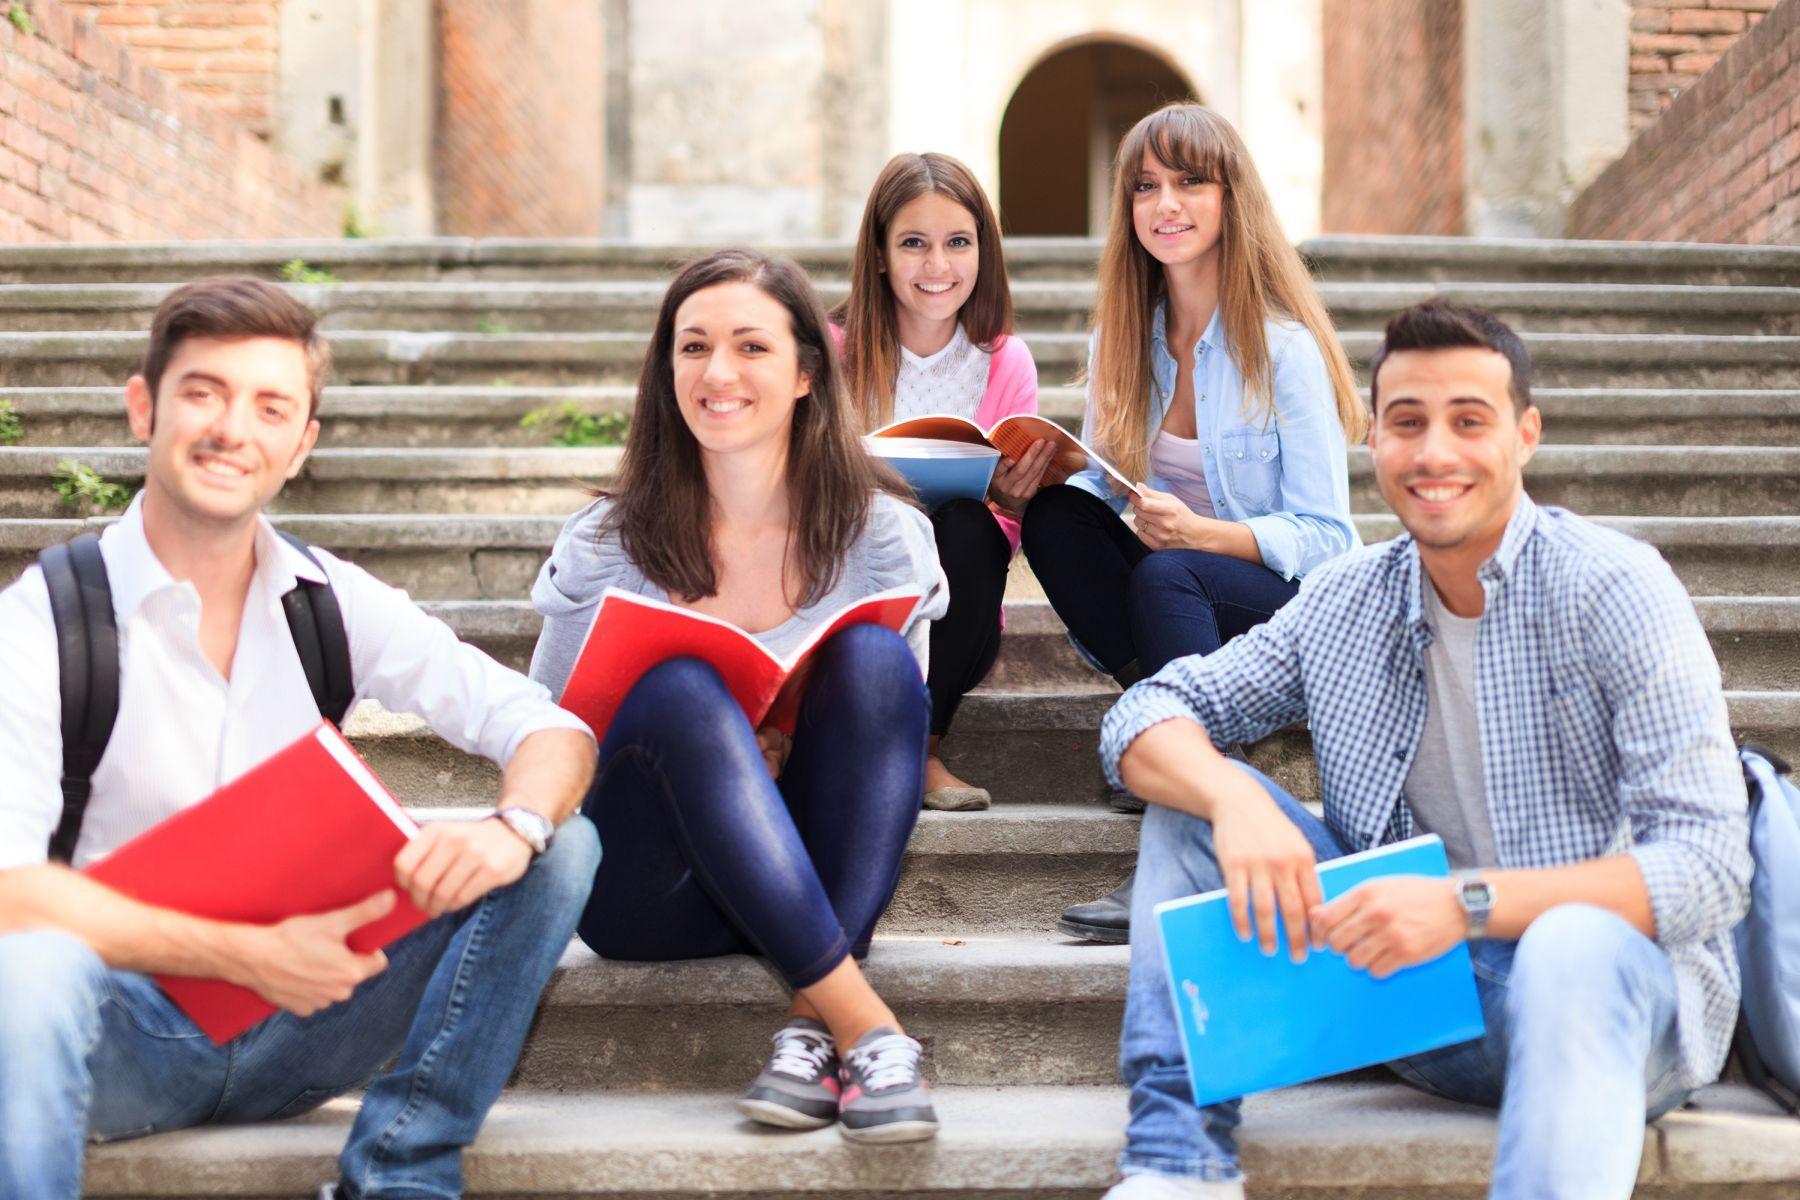 Otwierając się na wschodnią granicę, Polska może zapewnić sobie napływ odpowiednio wykształconych specjalistów, ponieważ duża część ze studiujących w Polsce obywateli Ukrainy deklaruje chęć pozostania w naszym kraju i podjęcia pracy po ukończeniu edukacji (fot. shutterstock)